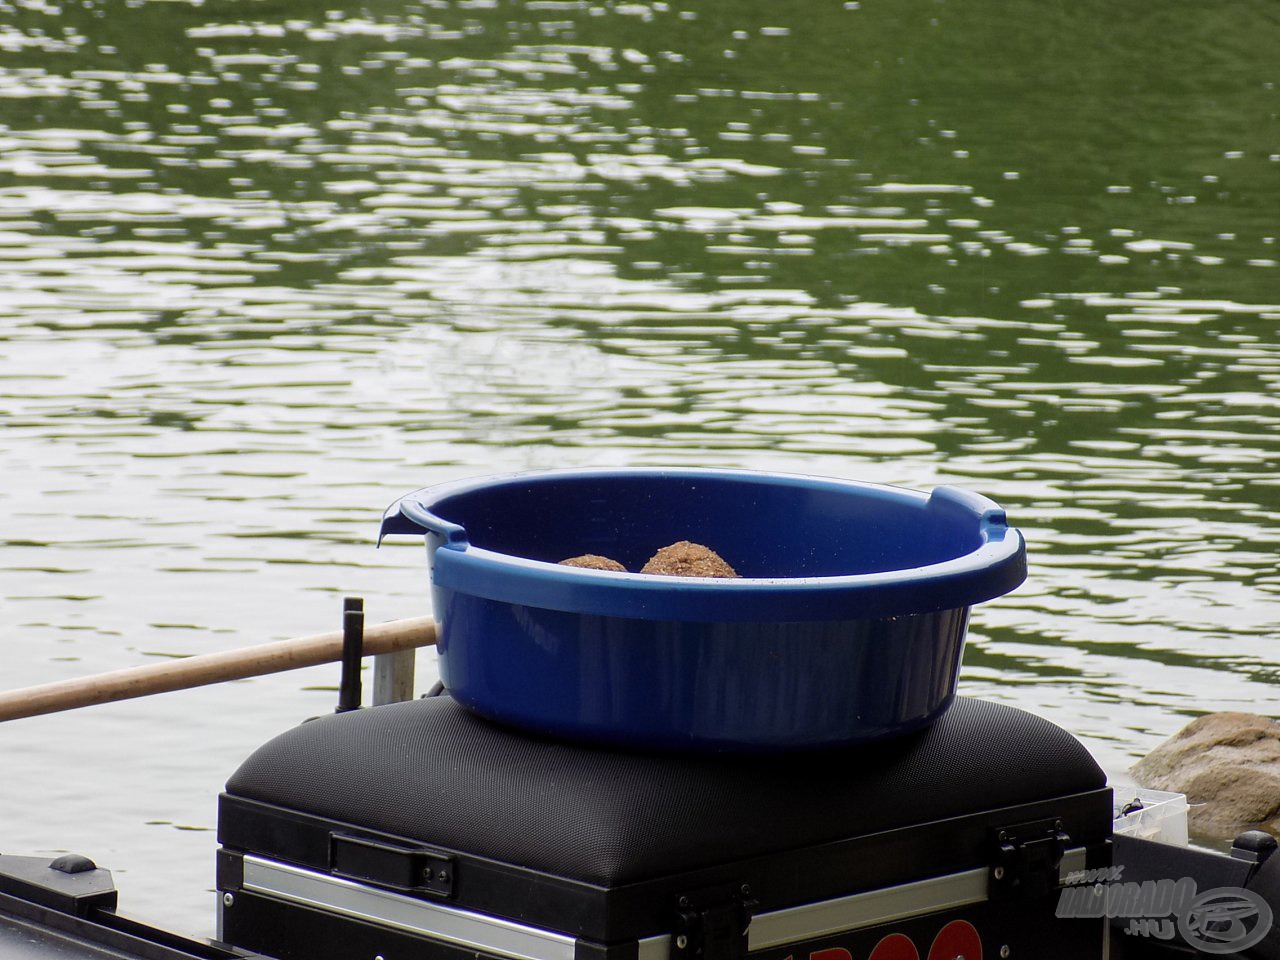 Okos megoldás, mely több funkciót is képes ellátni, illetve betölteni horgászataink során!